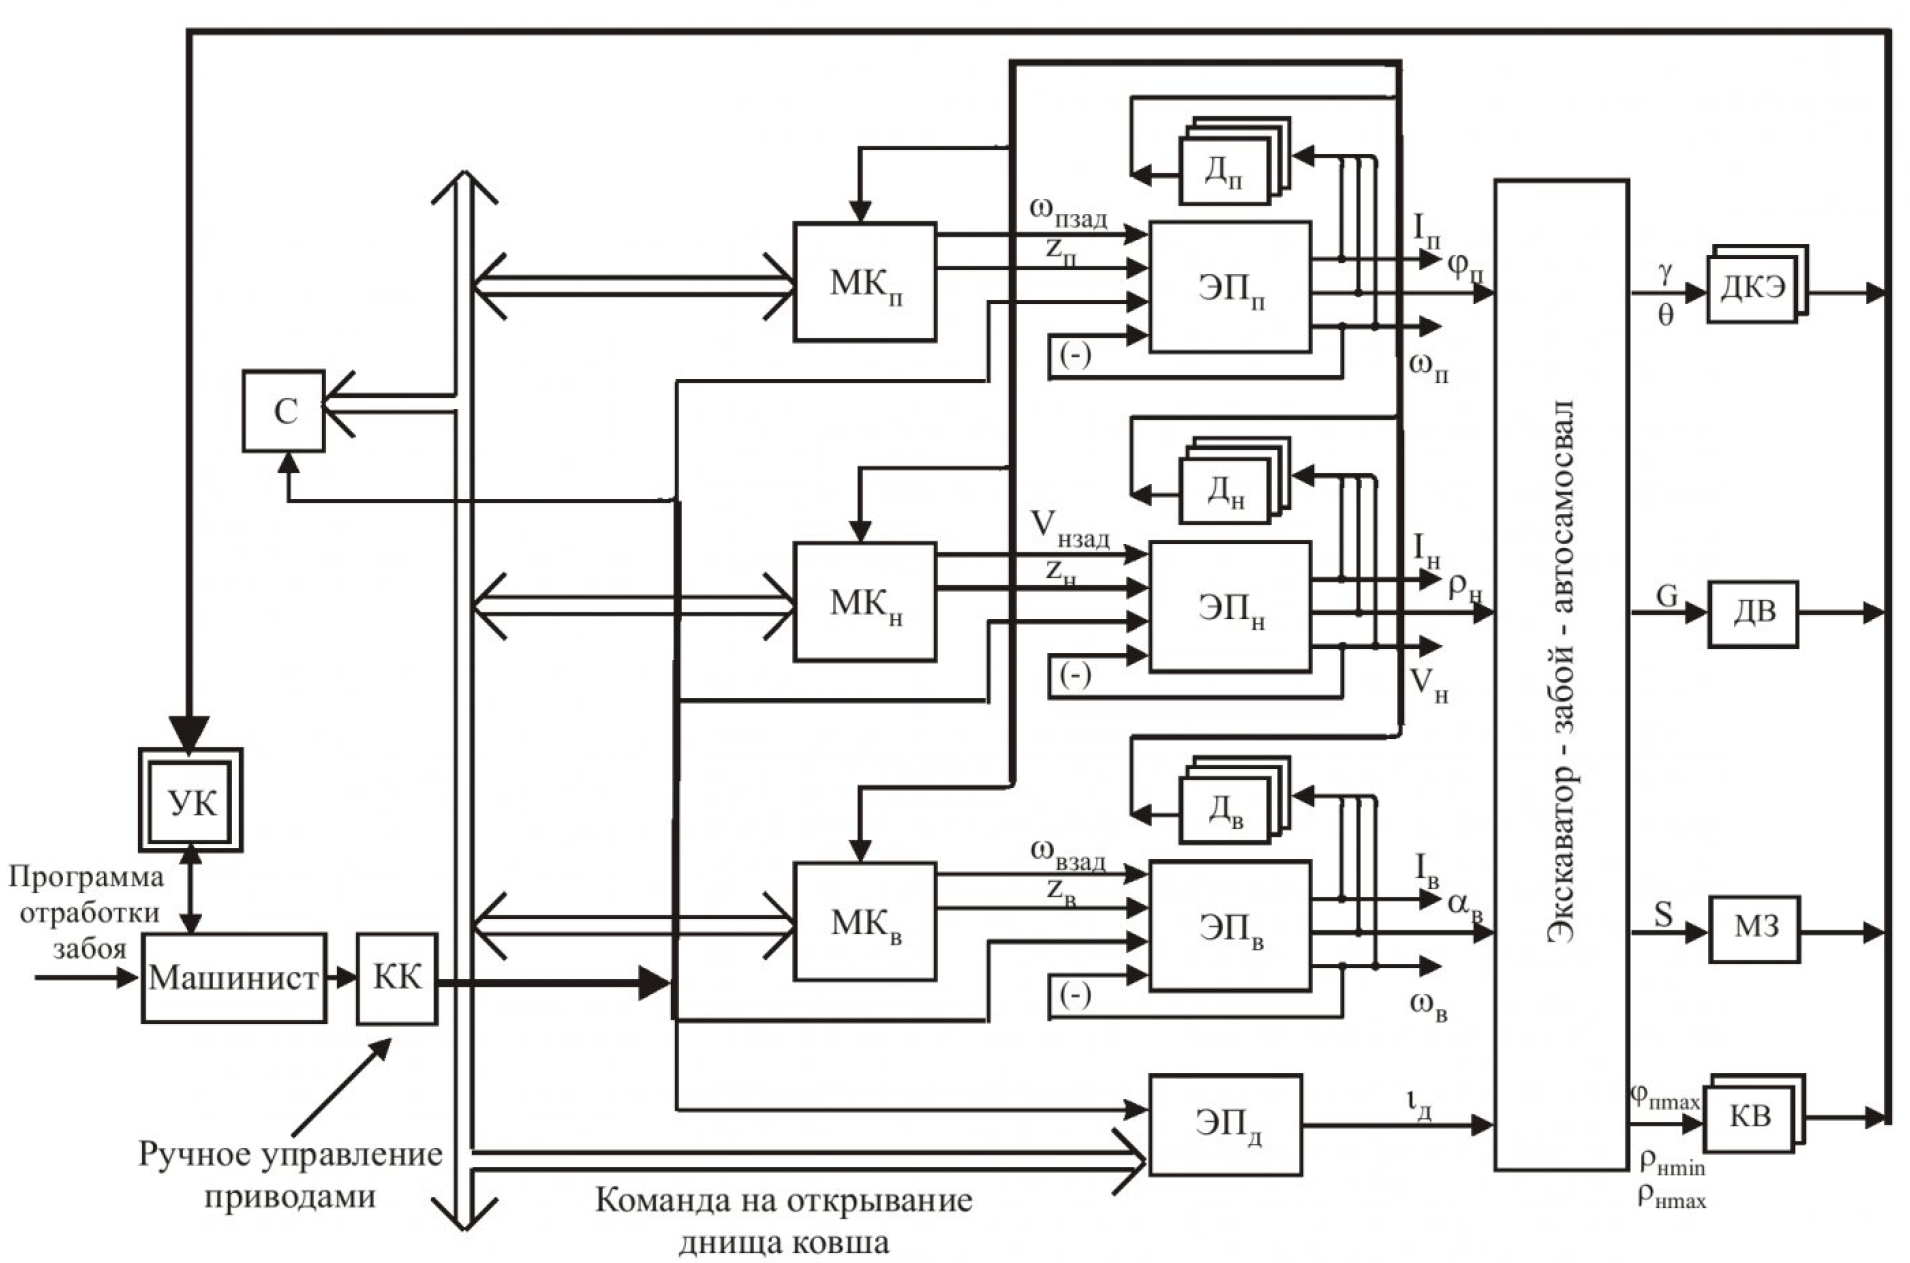 Принципы автоматизированного управления одноковшовым карьерным экскаватором и функциональное диагностирование его электроприводов на основе компьютерных технологий 1